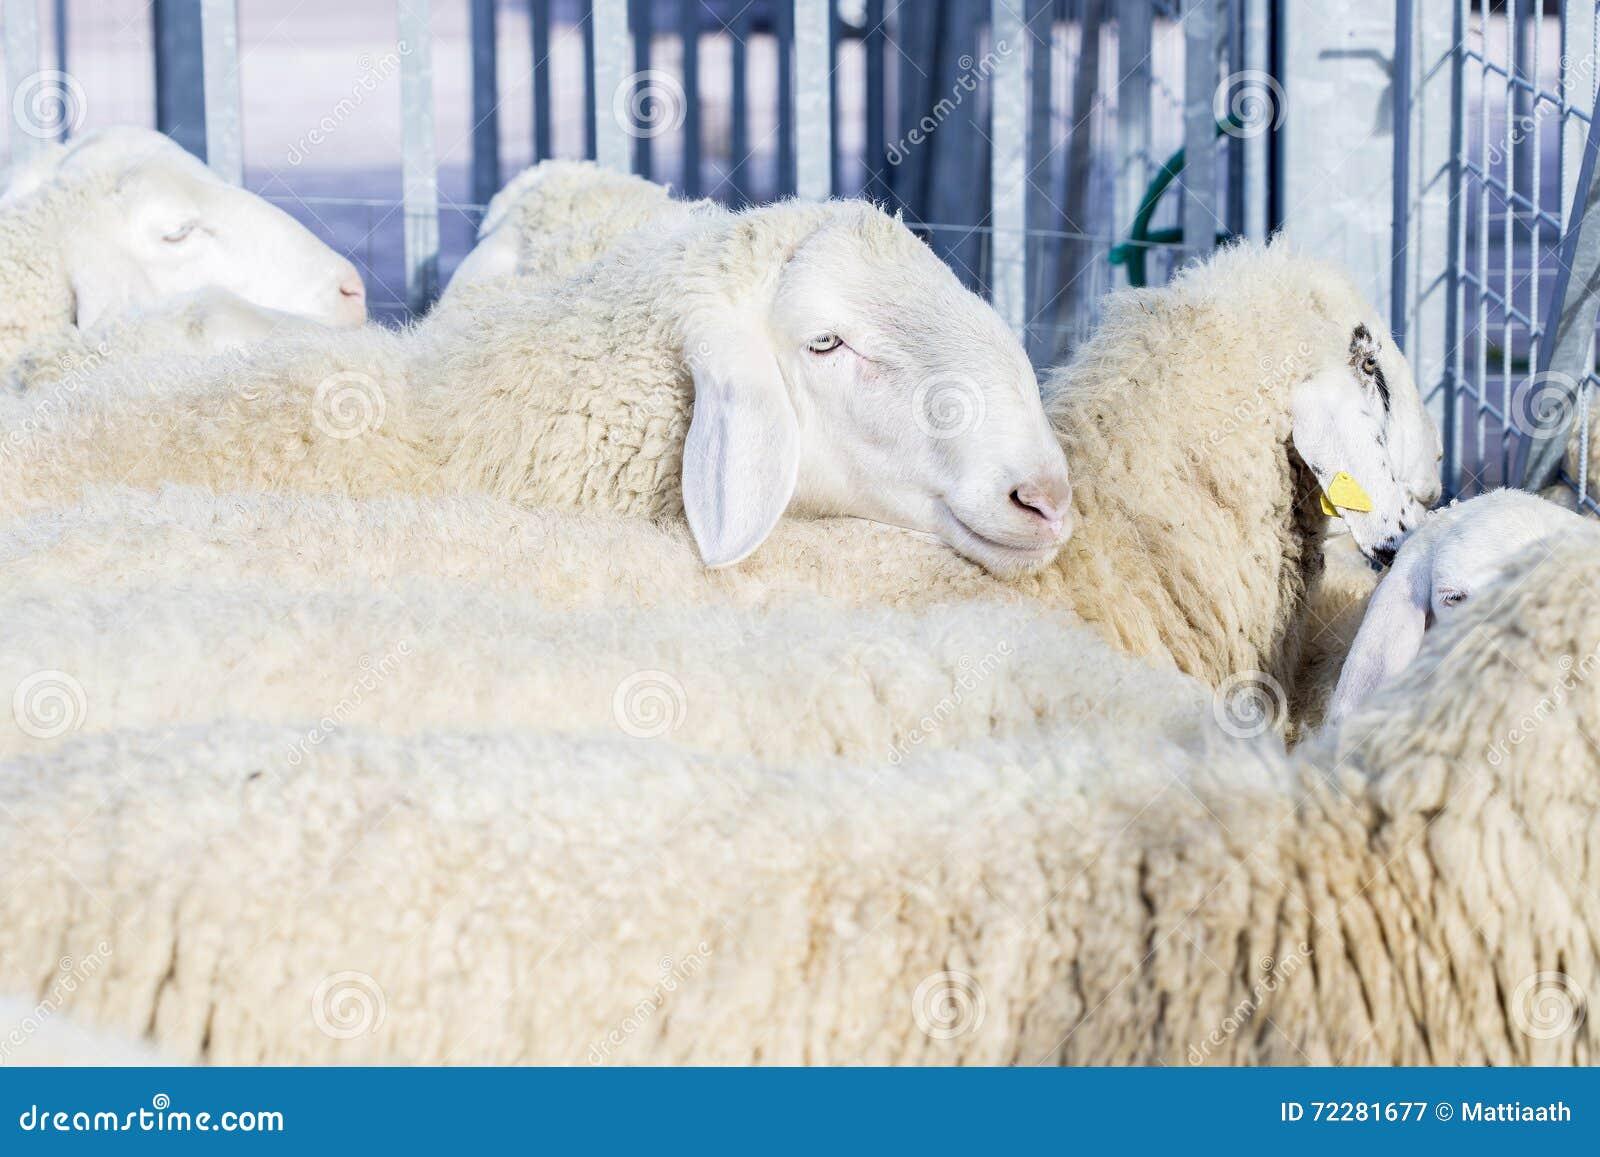 Download Стадо отечественных овец стоковое изображение. изображение насчитывающей поголовье - 72281677